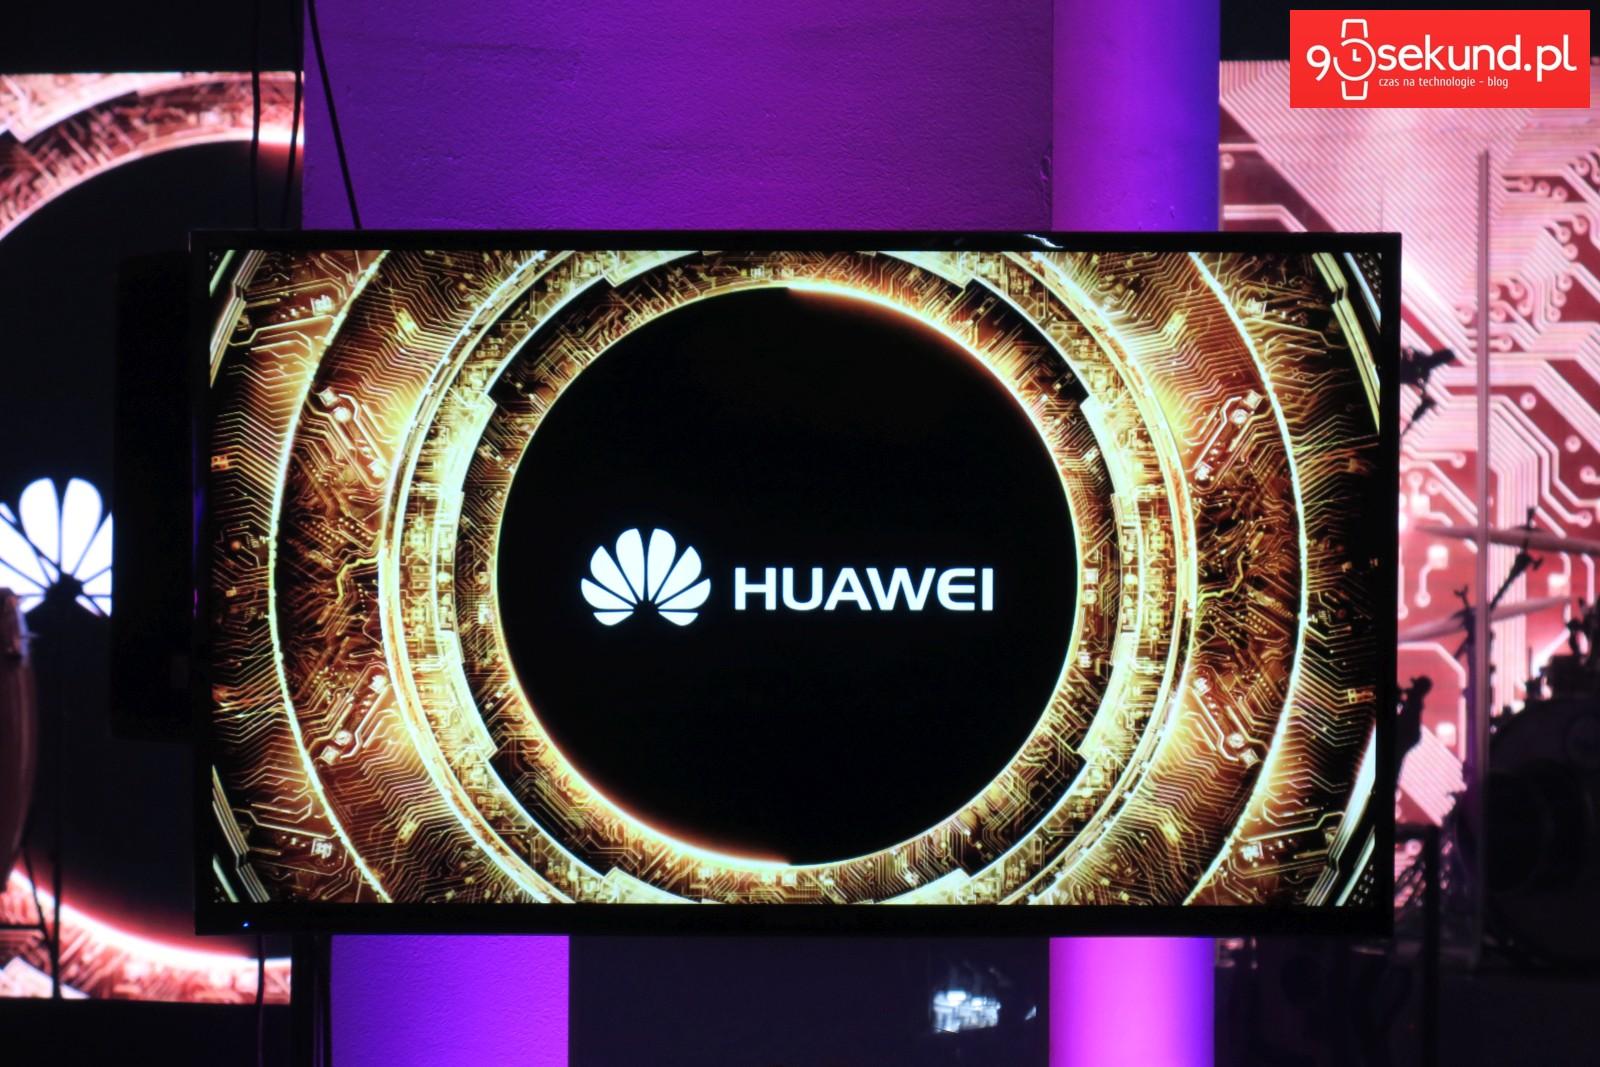 Huawei - fot. Michał Brożyński 90sekund.pl